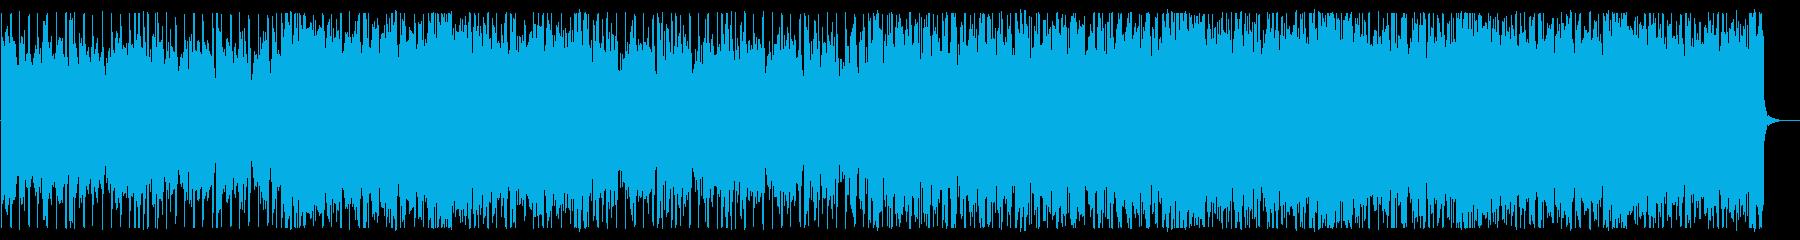 シンプル/ディスコ_No439_3の再生済みの波形